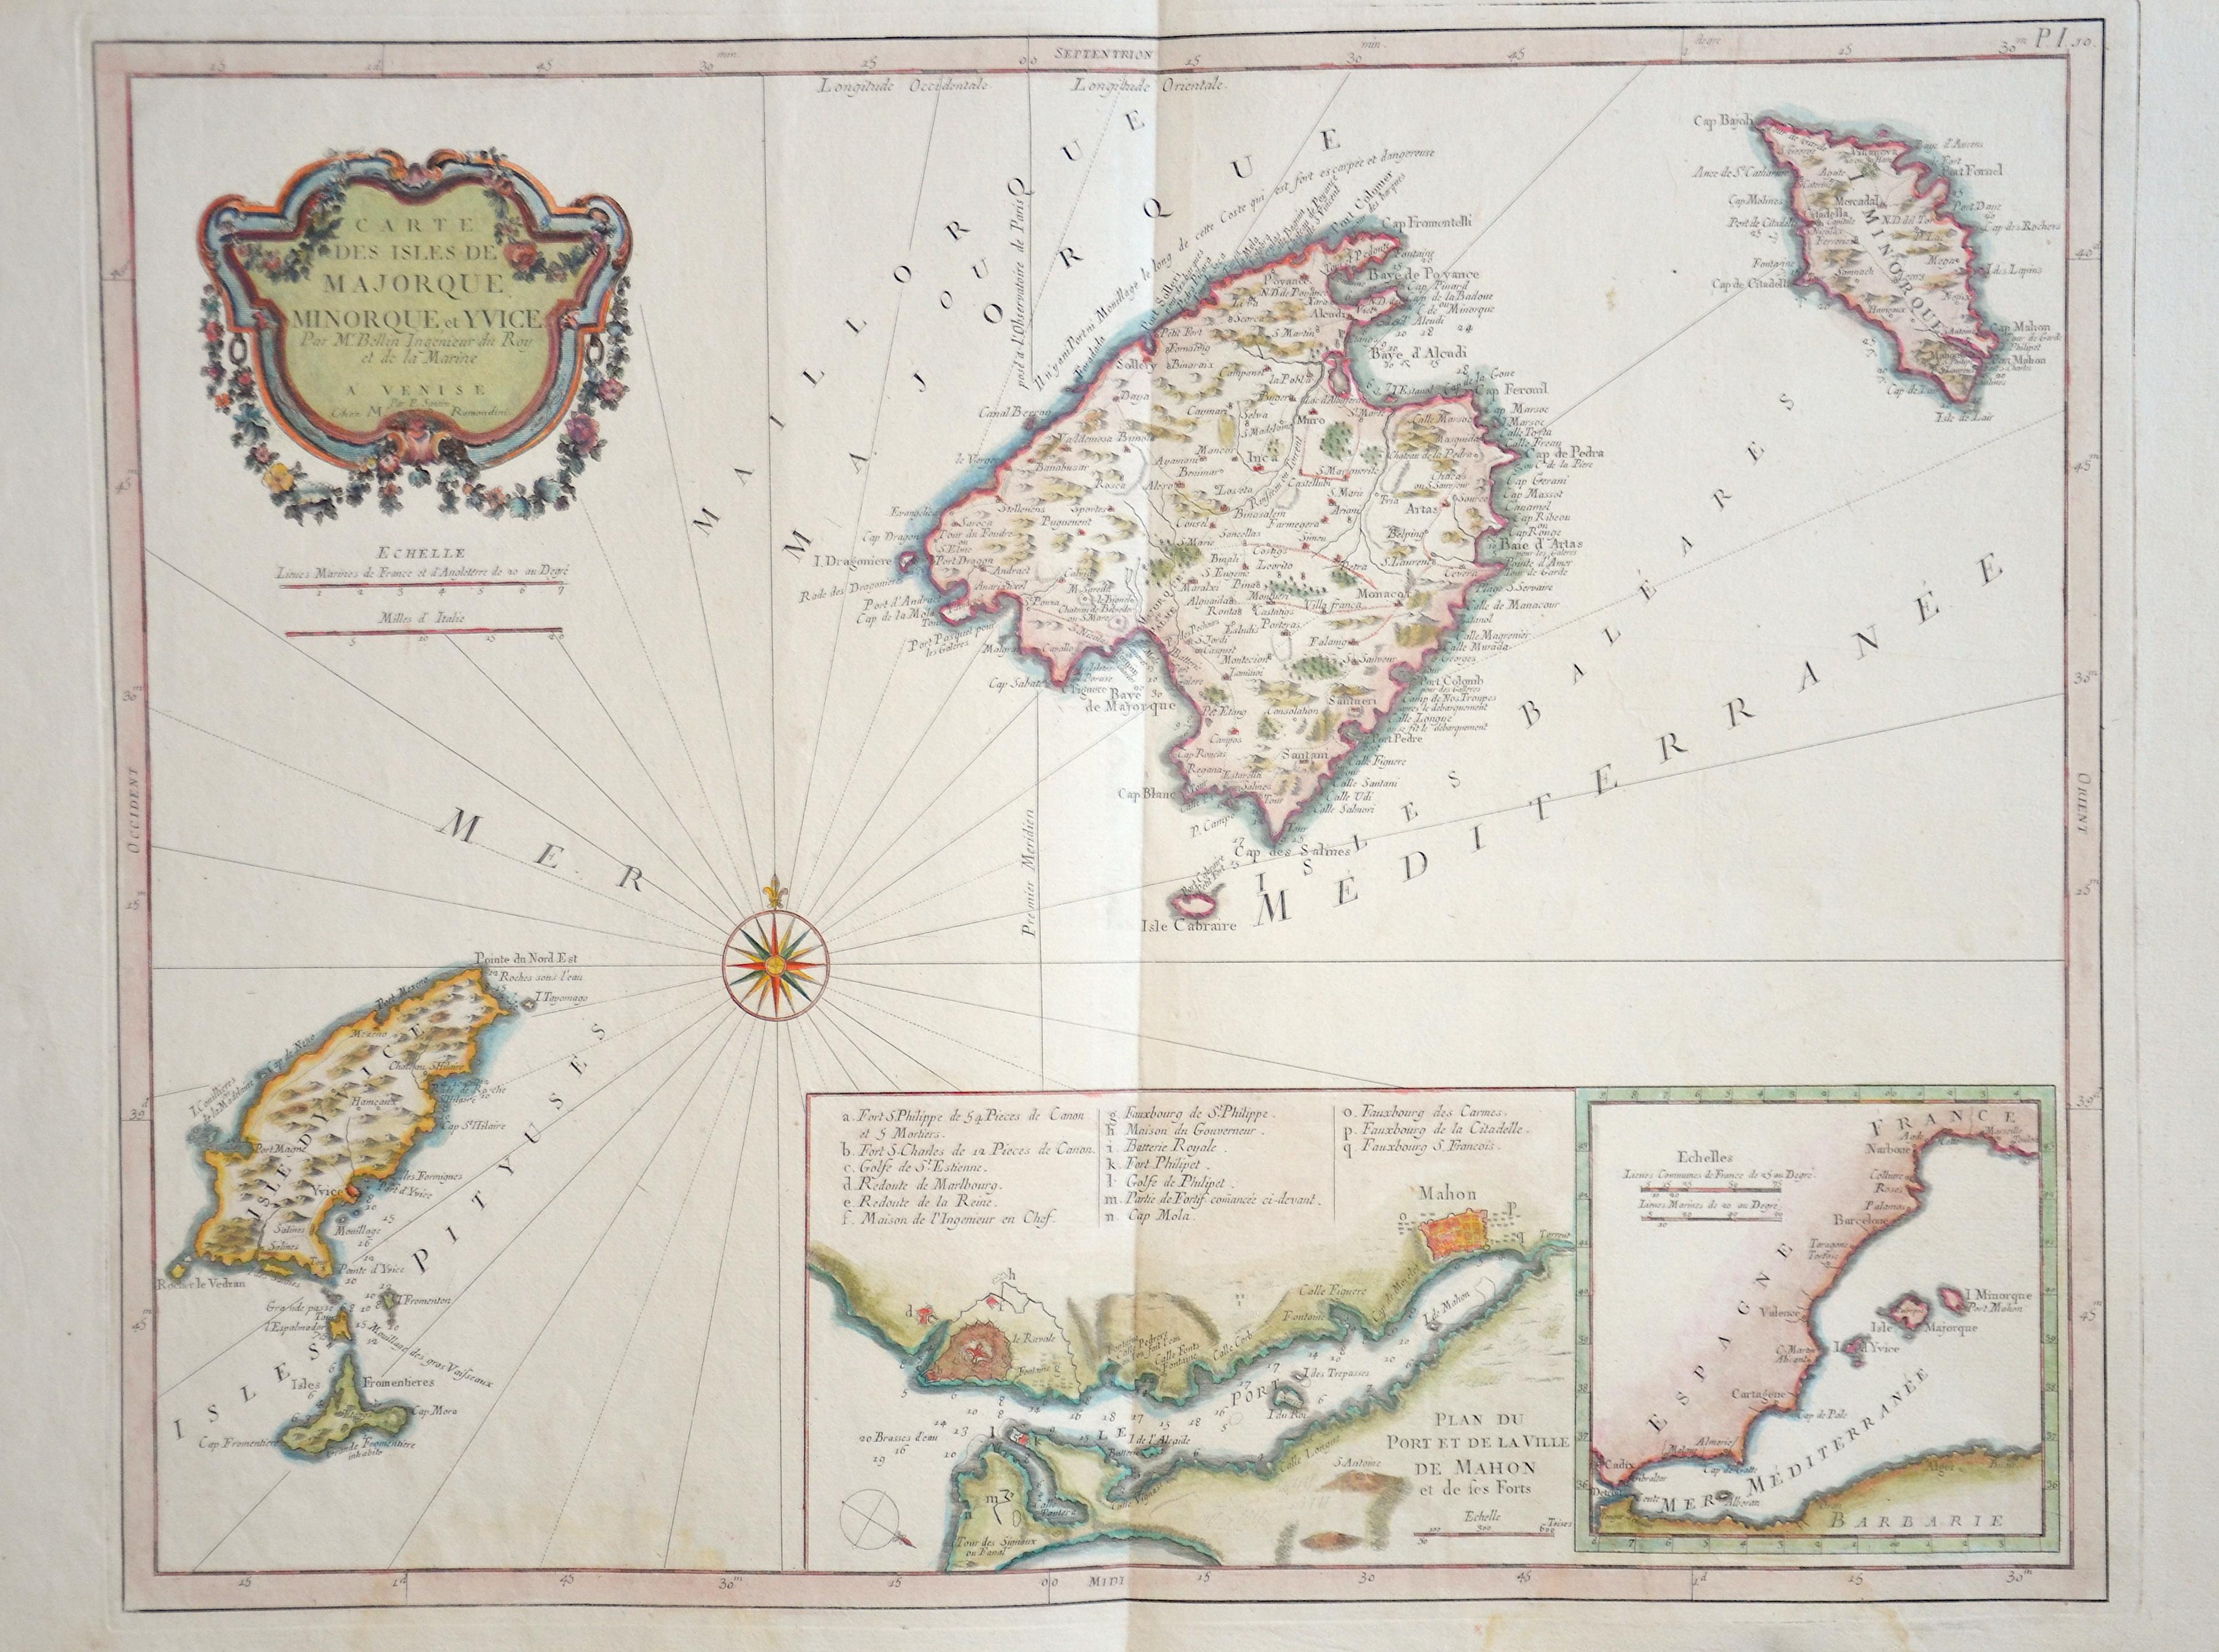 Santini Francois Carte des Isles de Majorque, Monorque, et Yvice